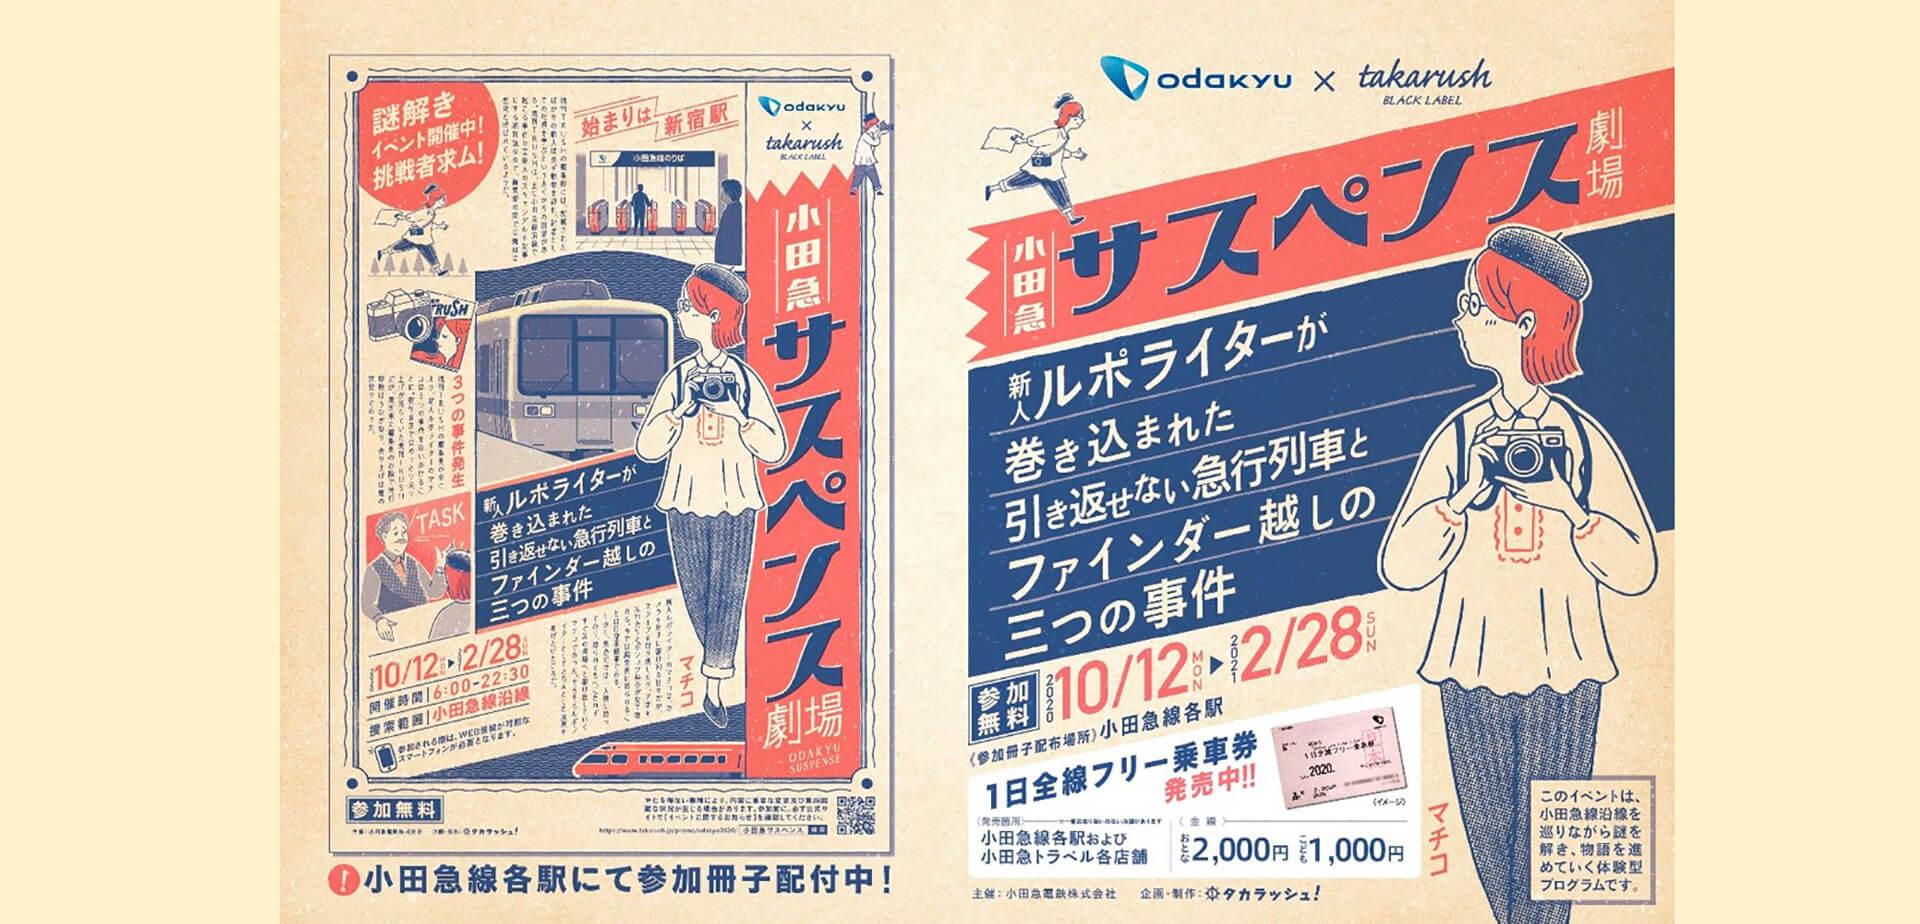 小田急サスペンス劇場~新人ルポライターが巻き込まれた引き返せない急行列車とファインダー越しの三つの事件~